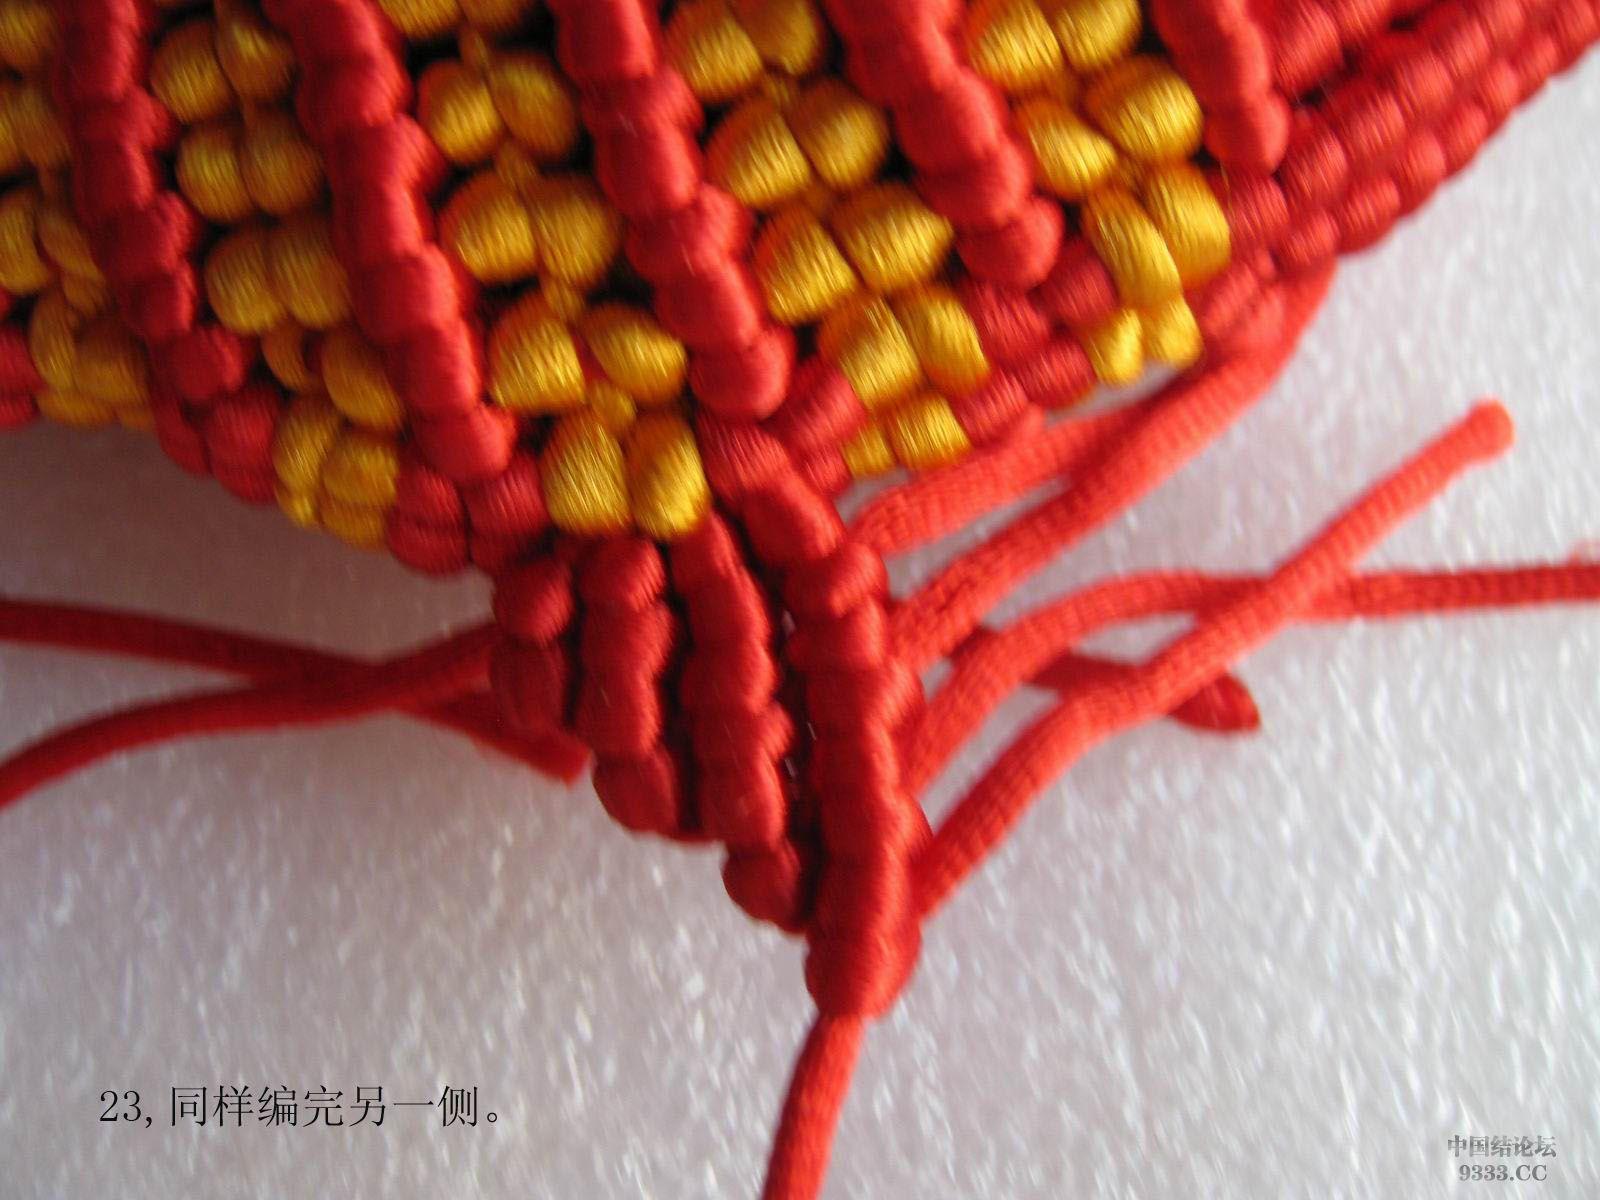 中国结论坛 我发一个鲤鱼教程  立体绳结教程与交流区 0909160716da53772dd7ca0759